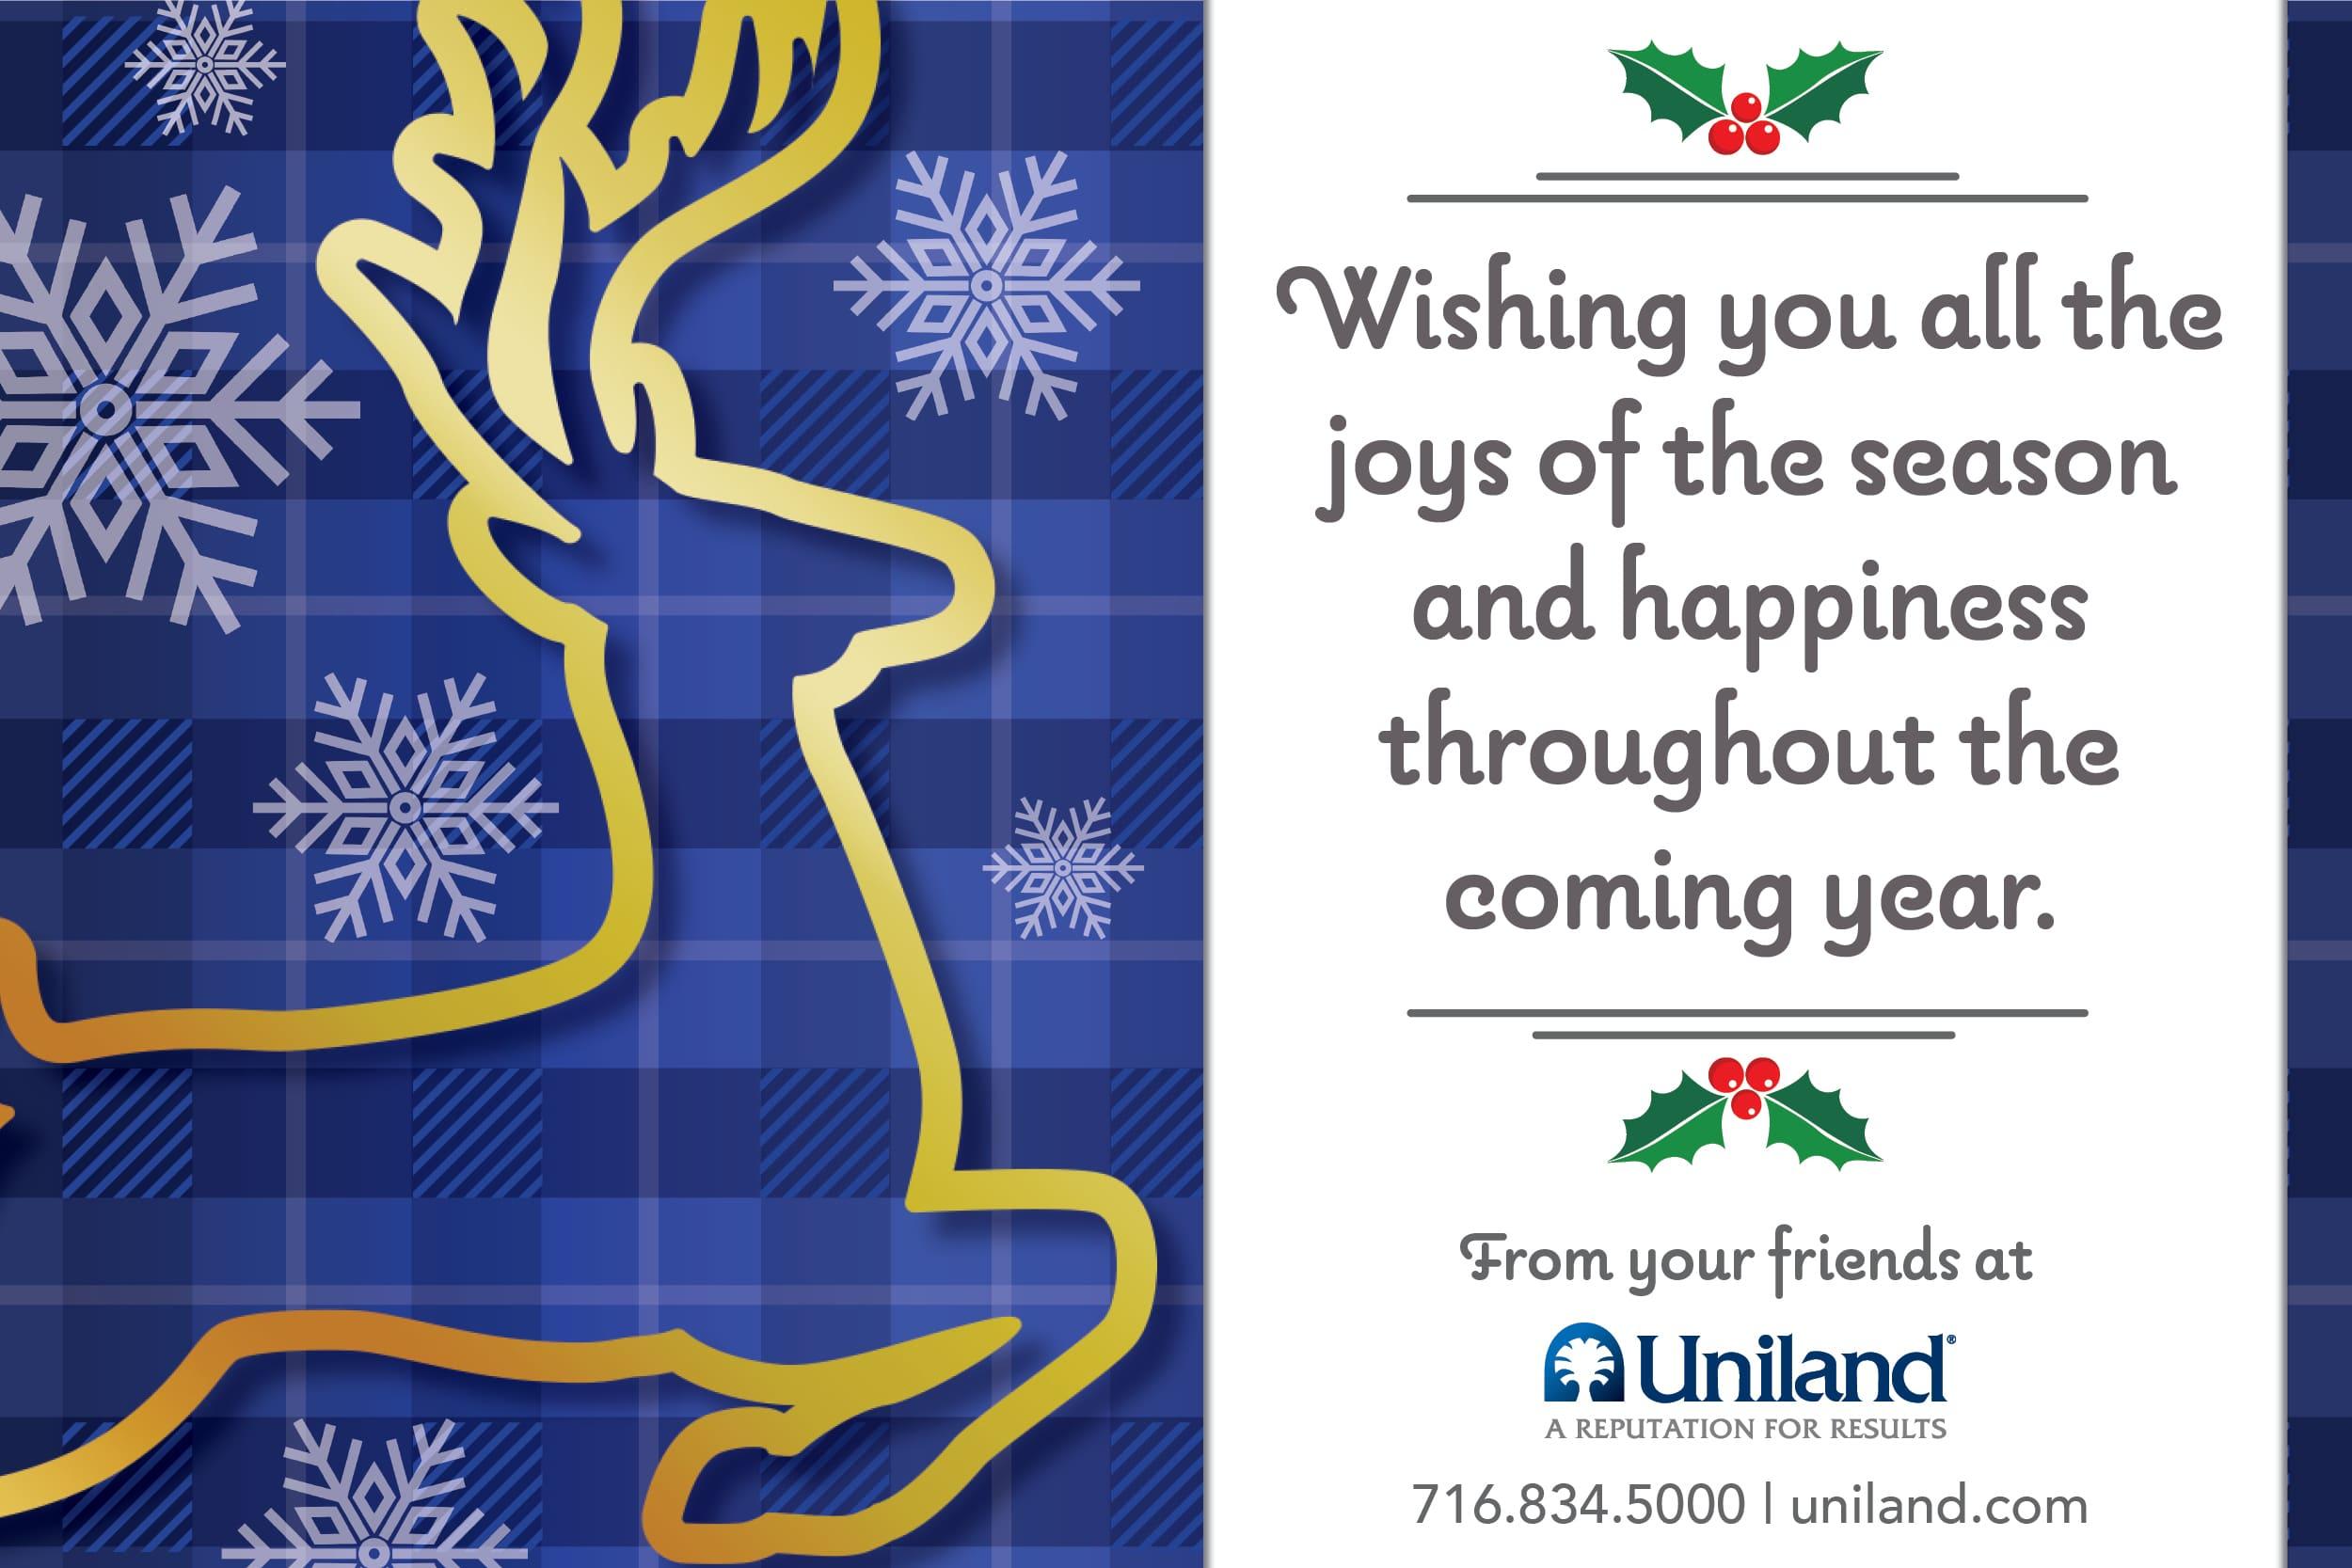 Happy Holidays from Uniland